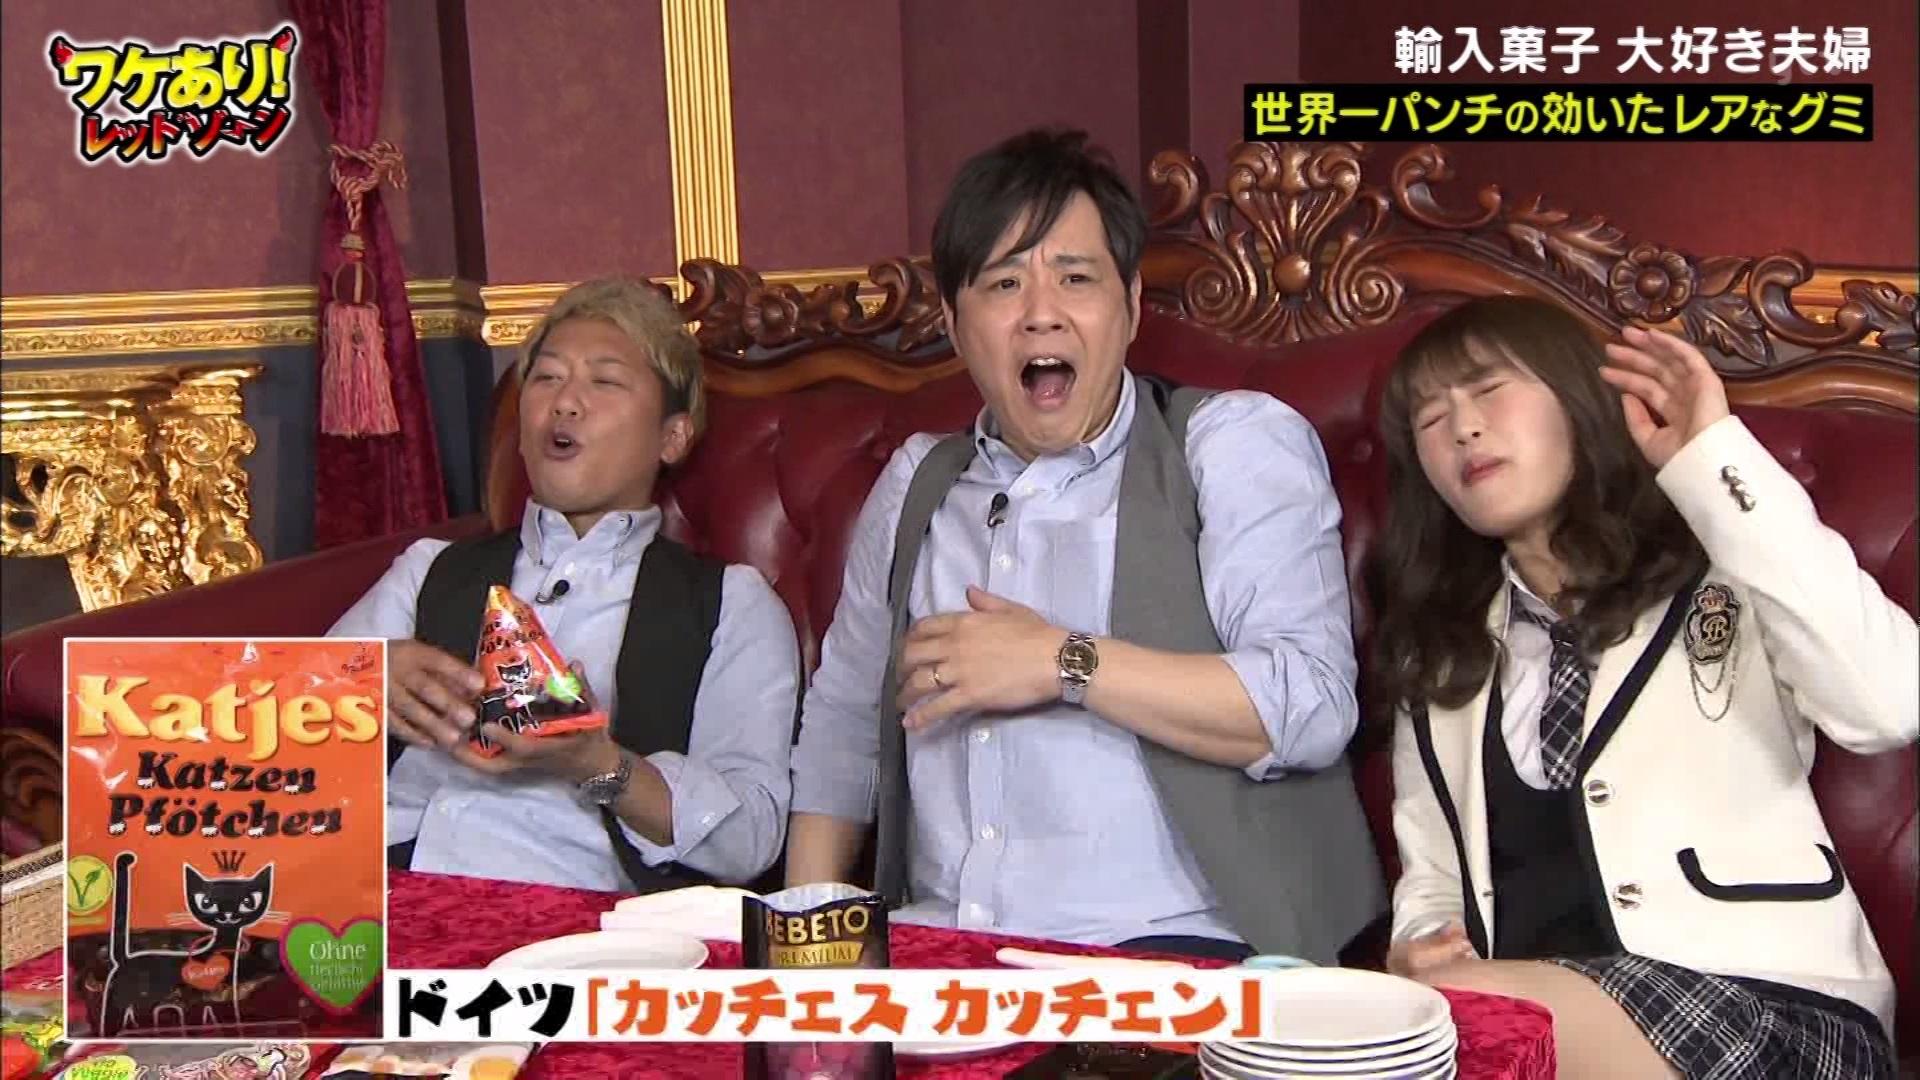 【渋谷凪咲】なぎさが出演した4/4の「ワケあり!レッドゾーン」の画像。輸入菓子ゾーン2週目